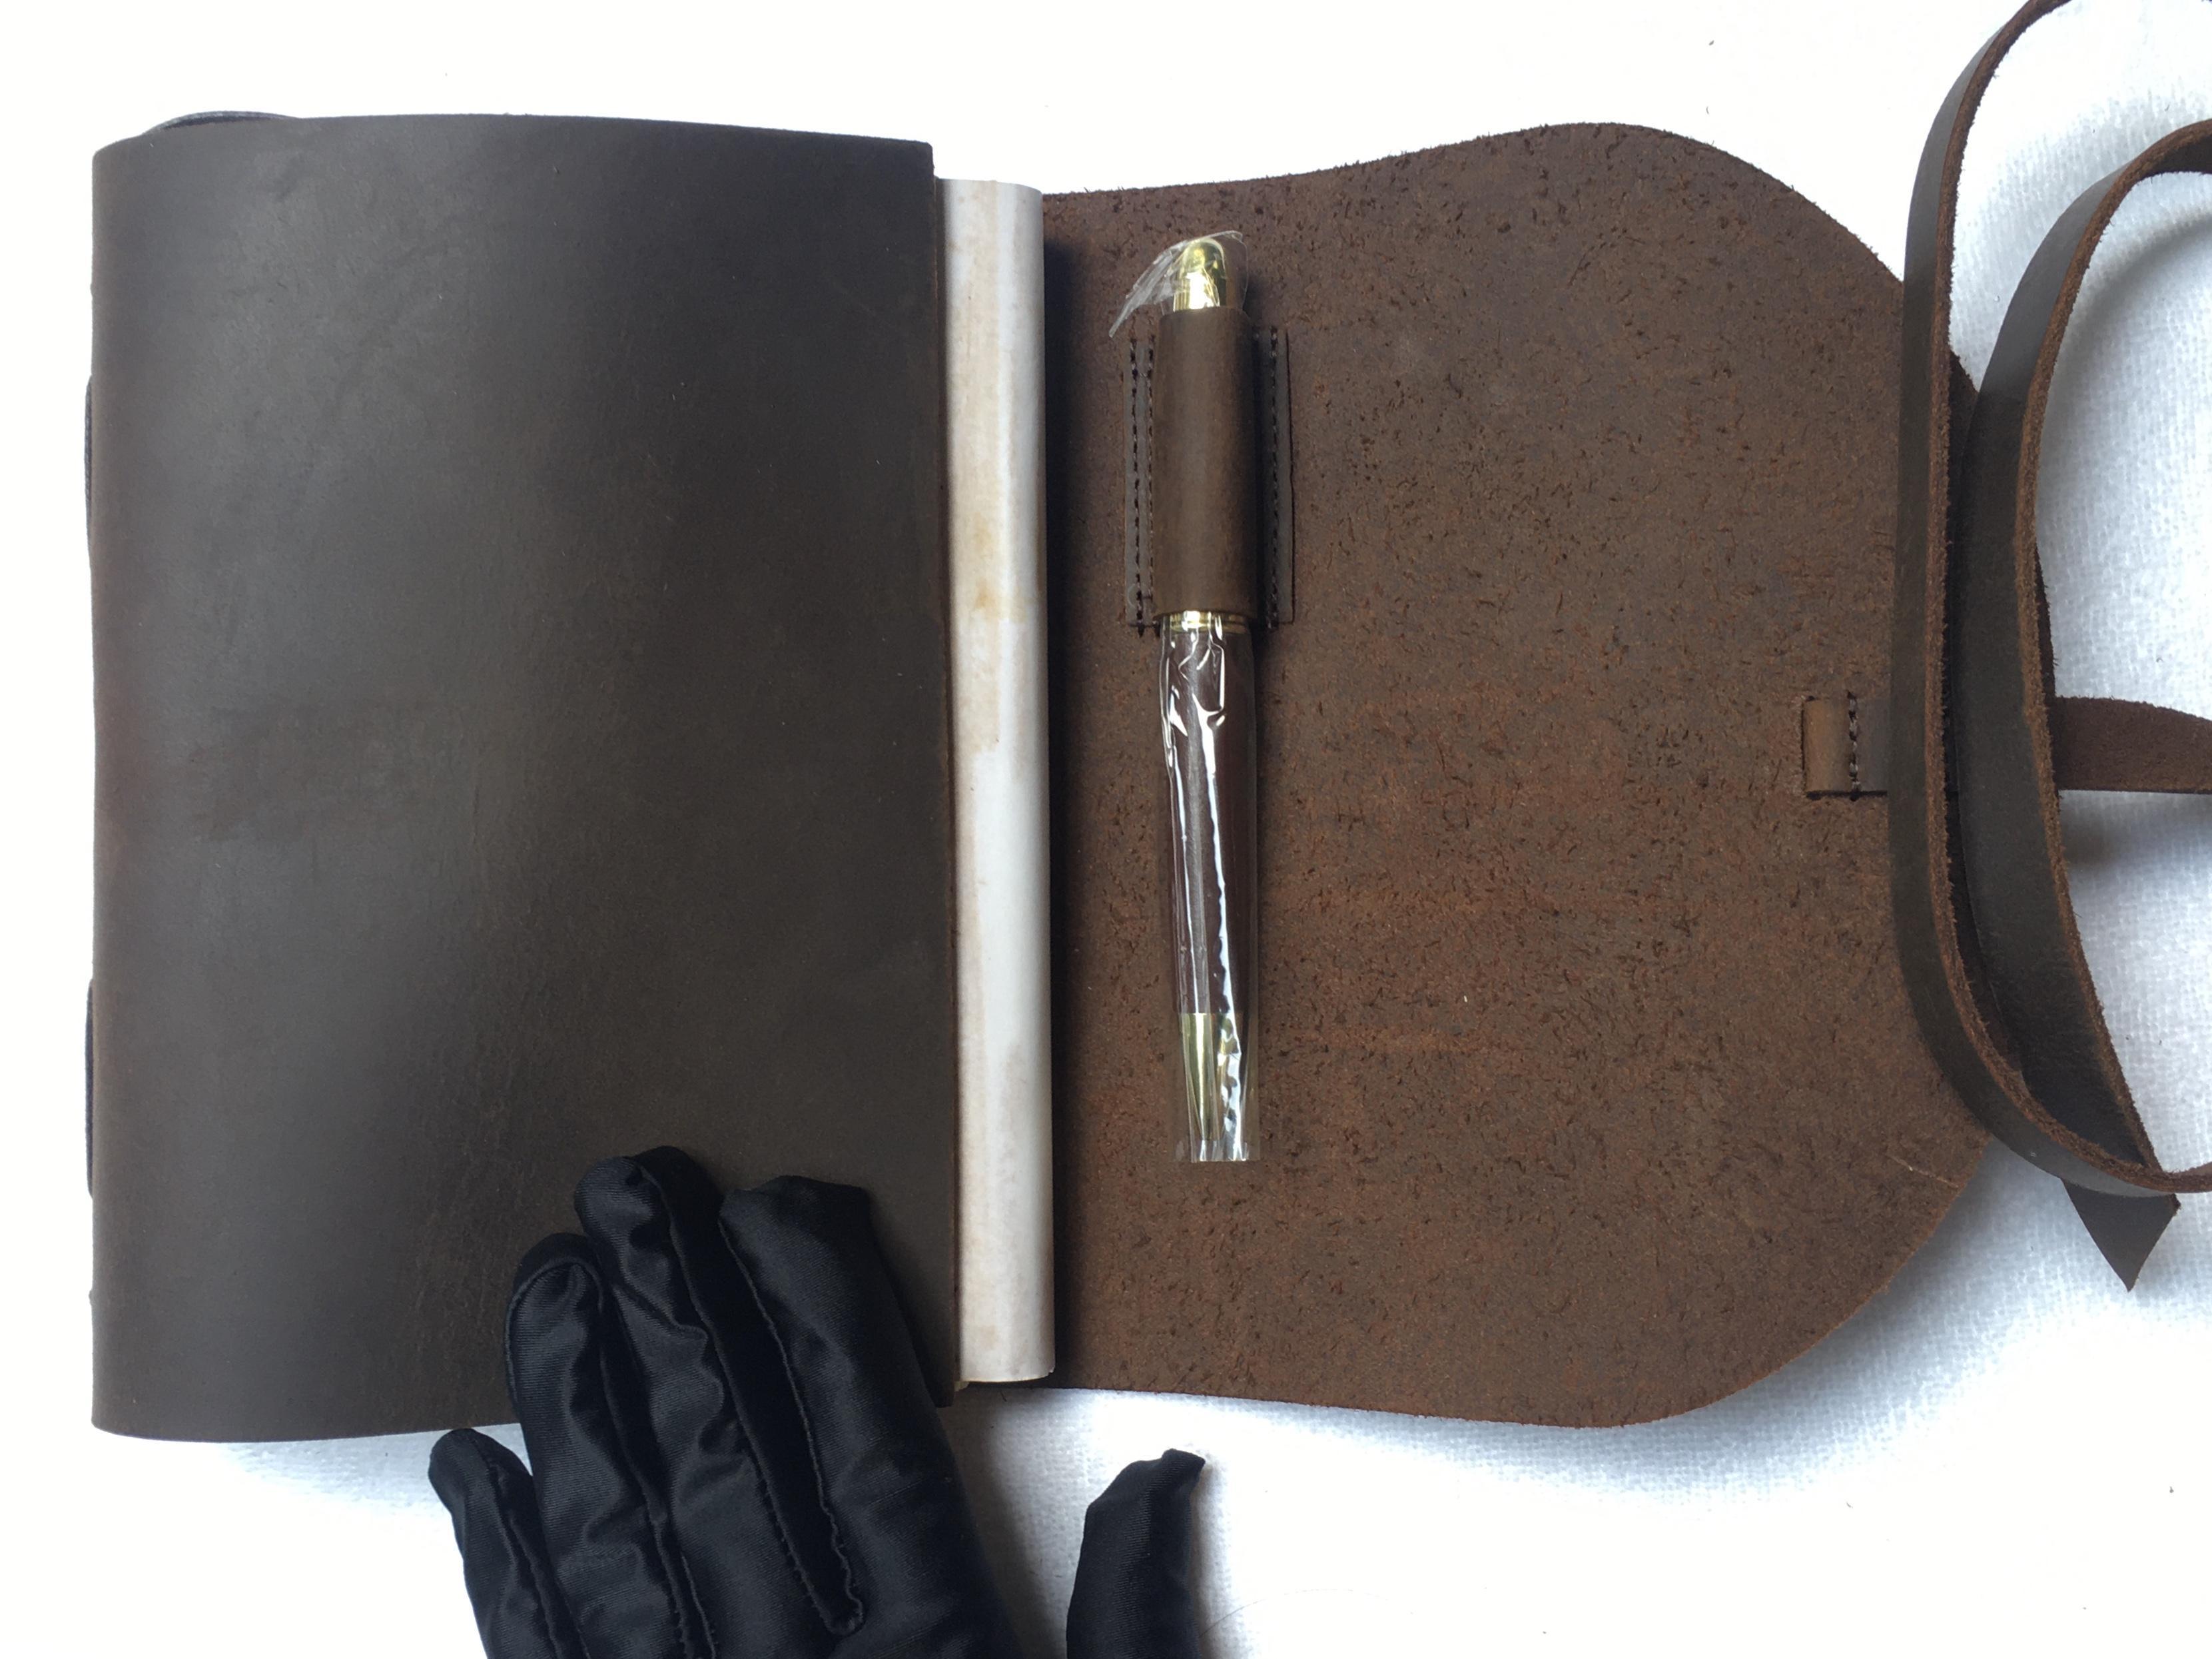 خمر مجنون الحصان الجلود السفر المجلات / دفارات دفتريات 300 صفحات مع هدية القلم لصديق مدرب